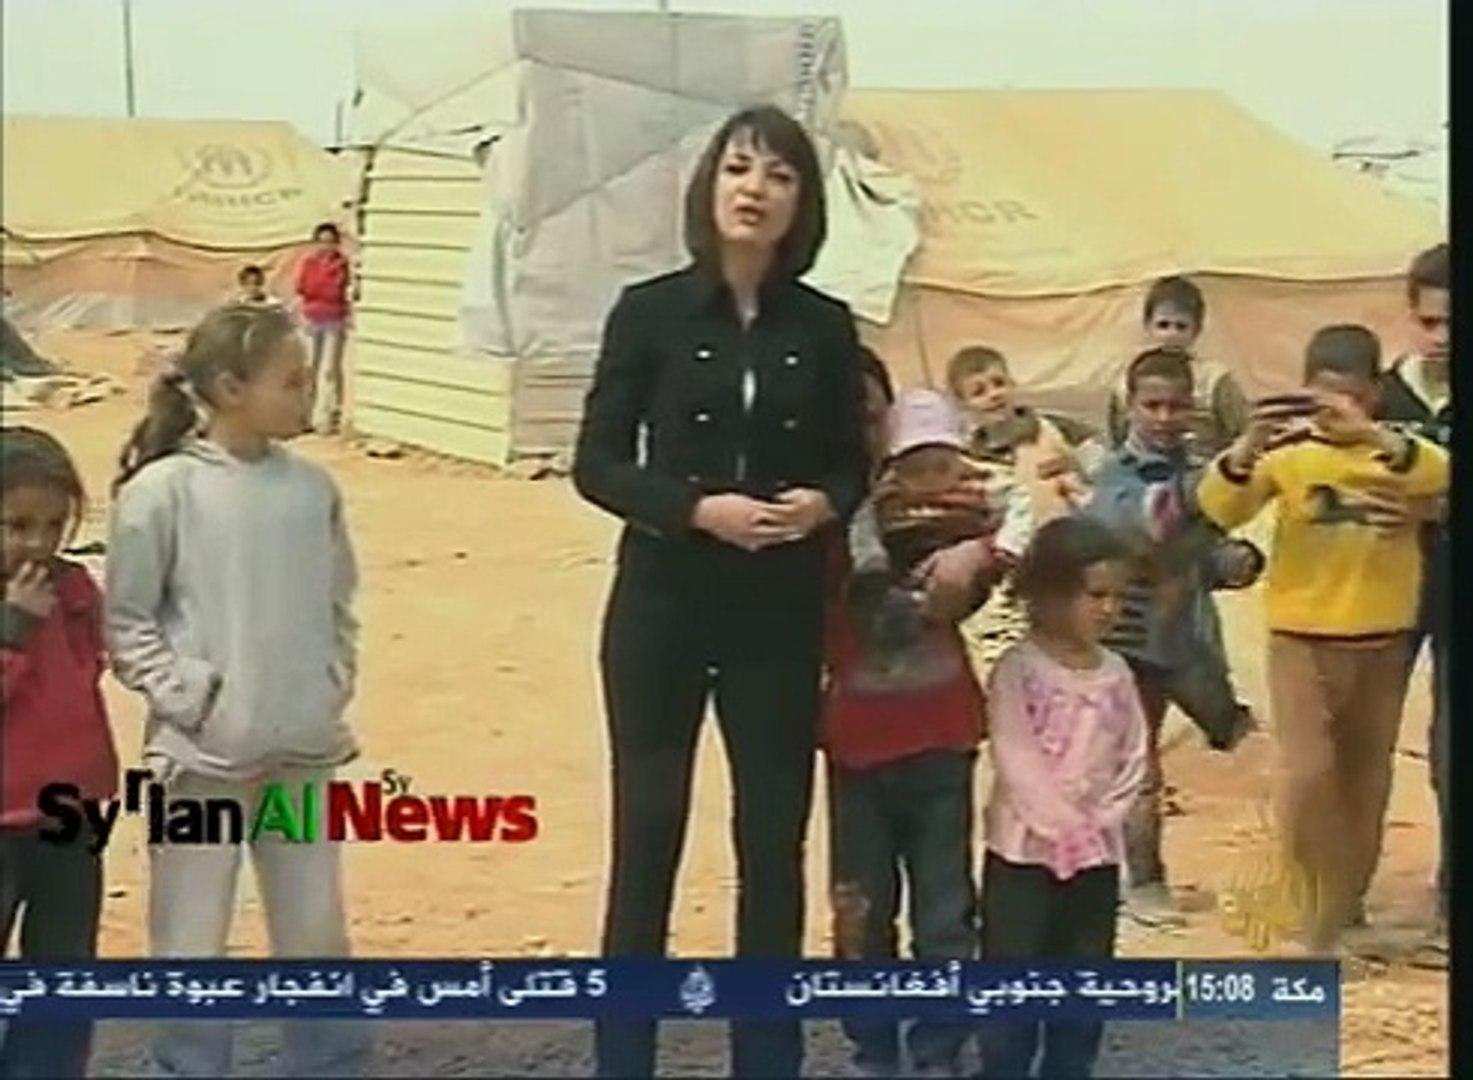 غادة عويس في مخيم الزعتري لنقل معاناة النازحين